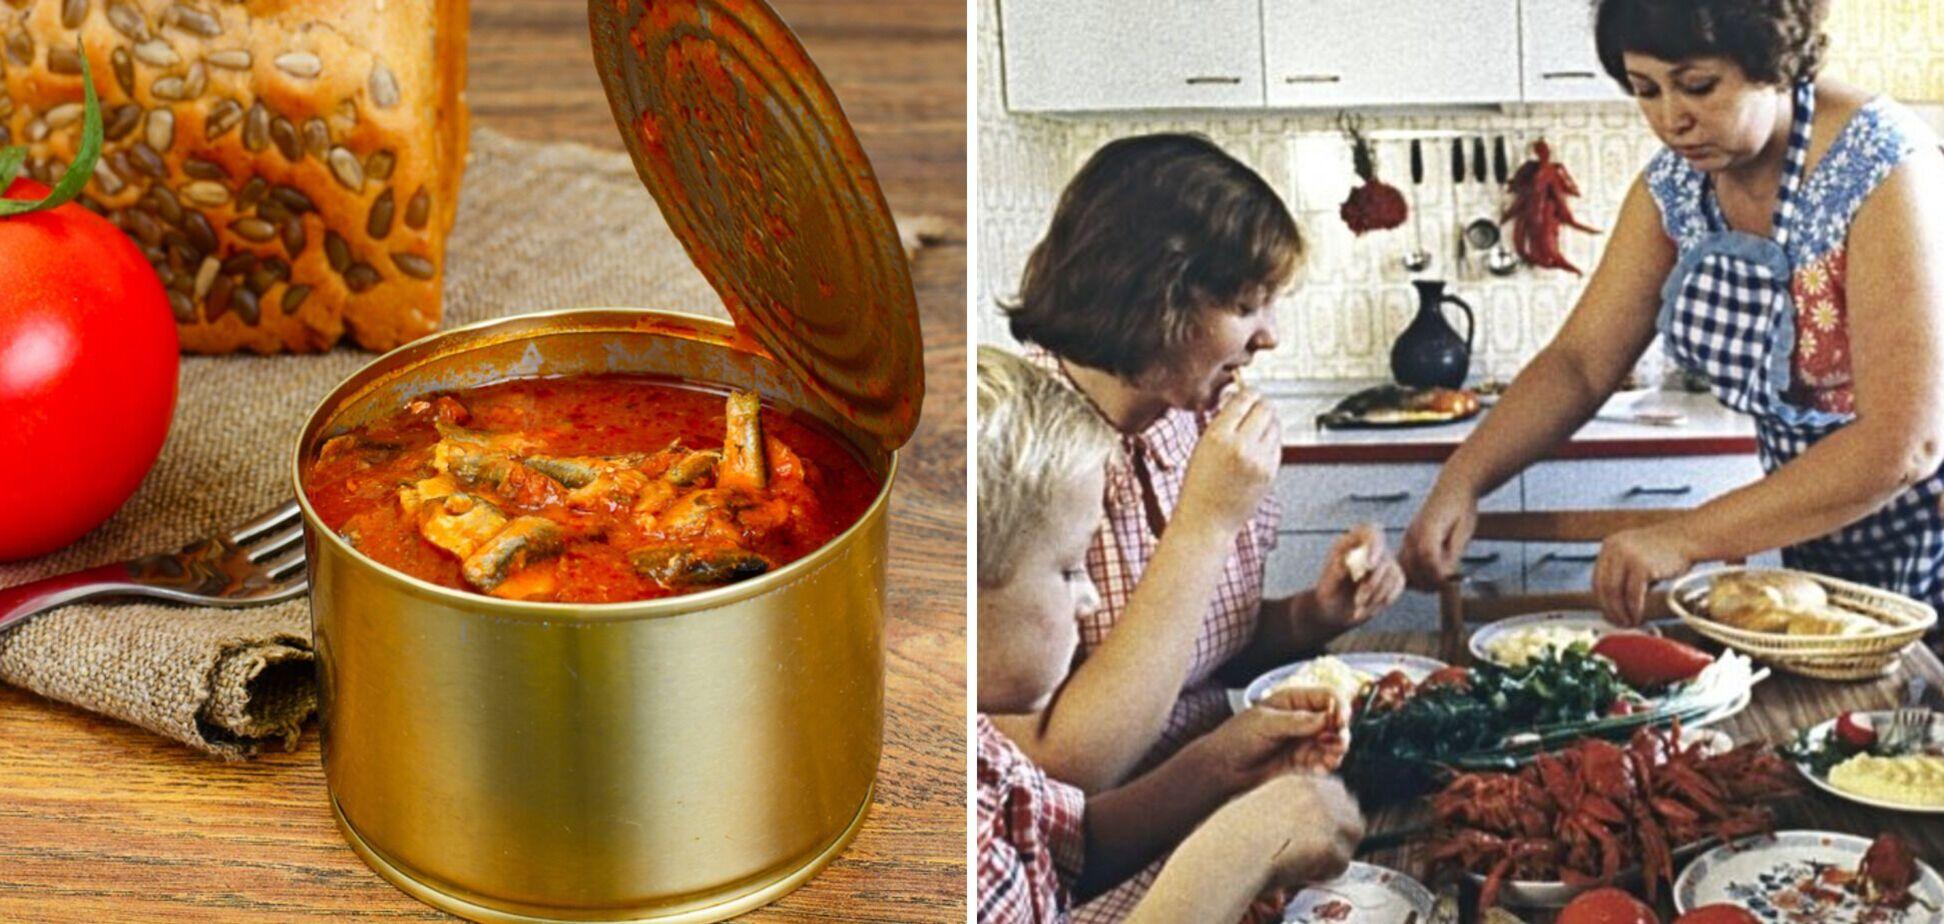 Куди зникла популярна в СРСР кілька в томаті: експерти попередили про підробку